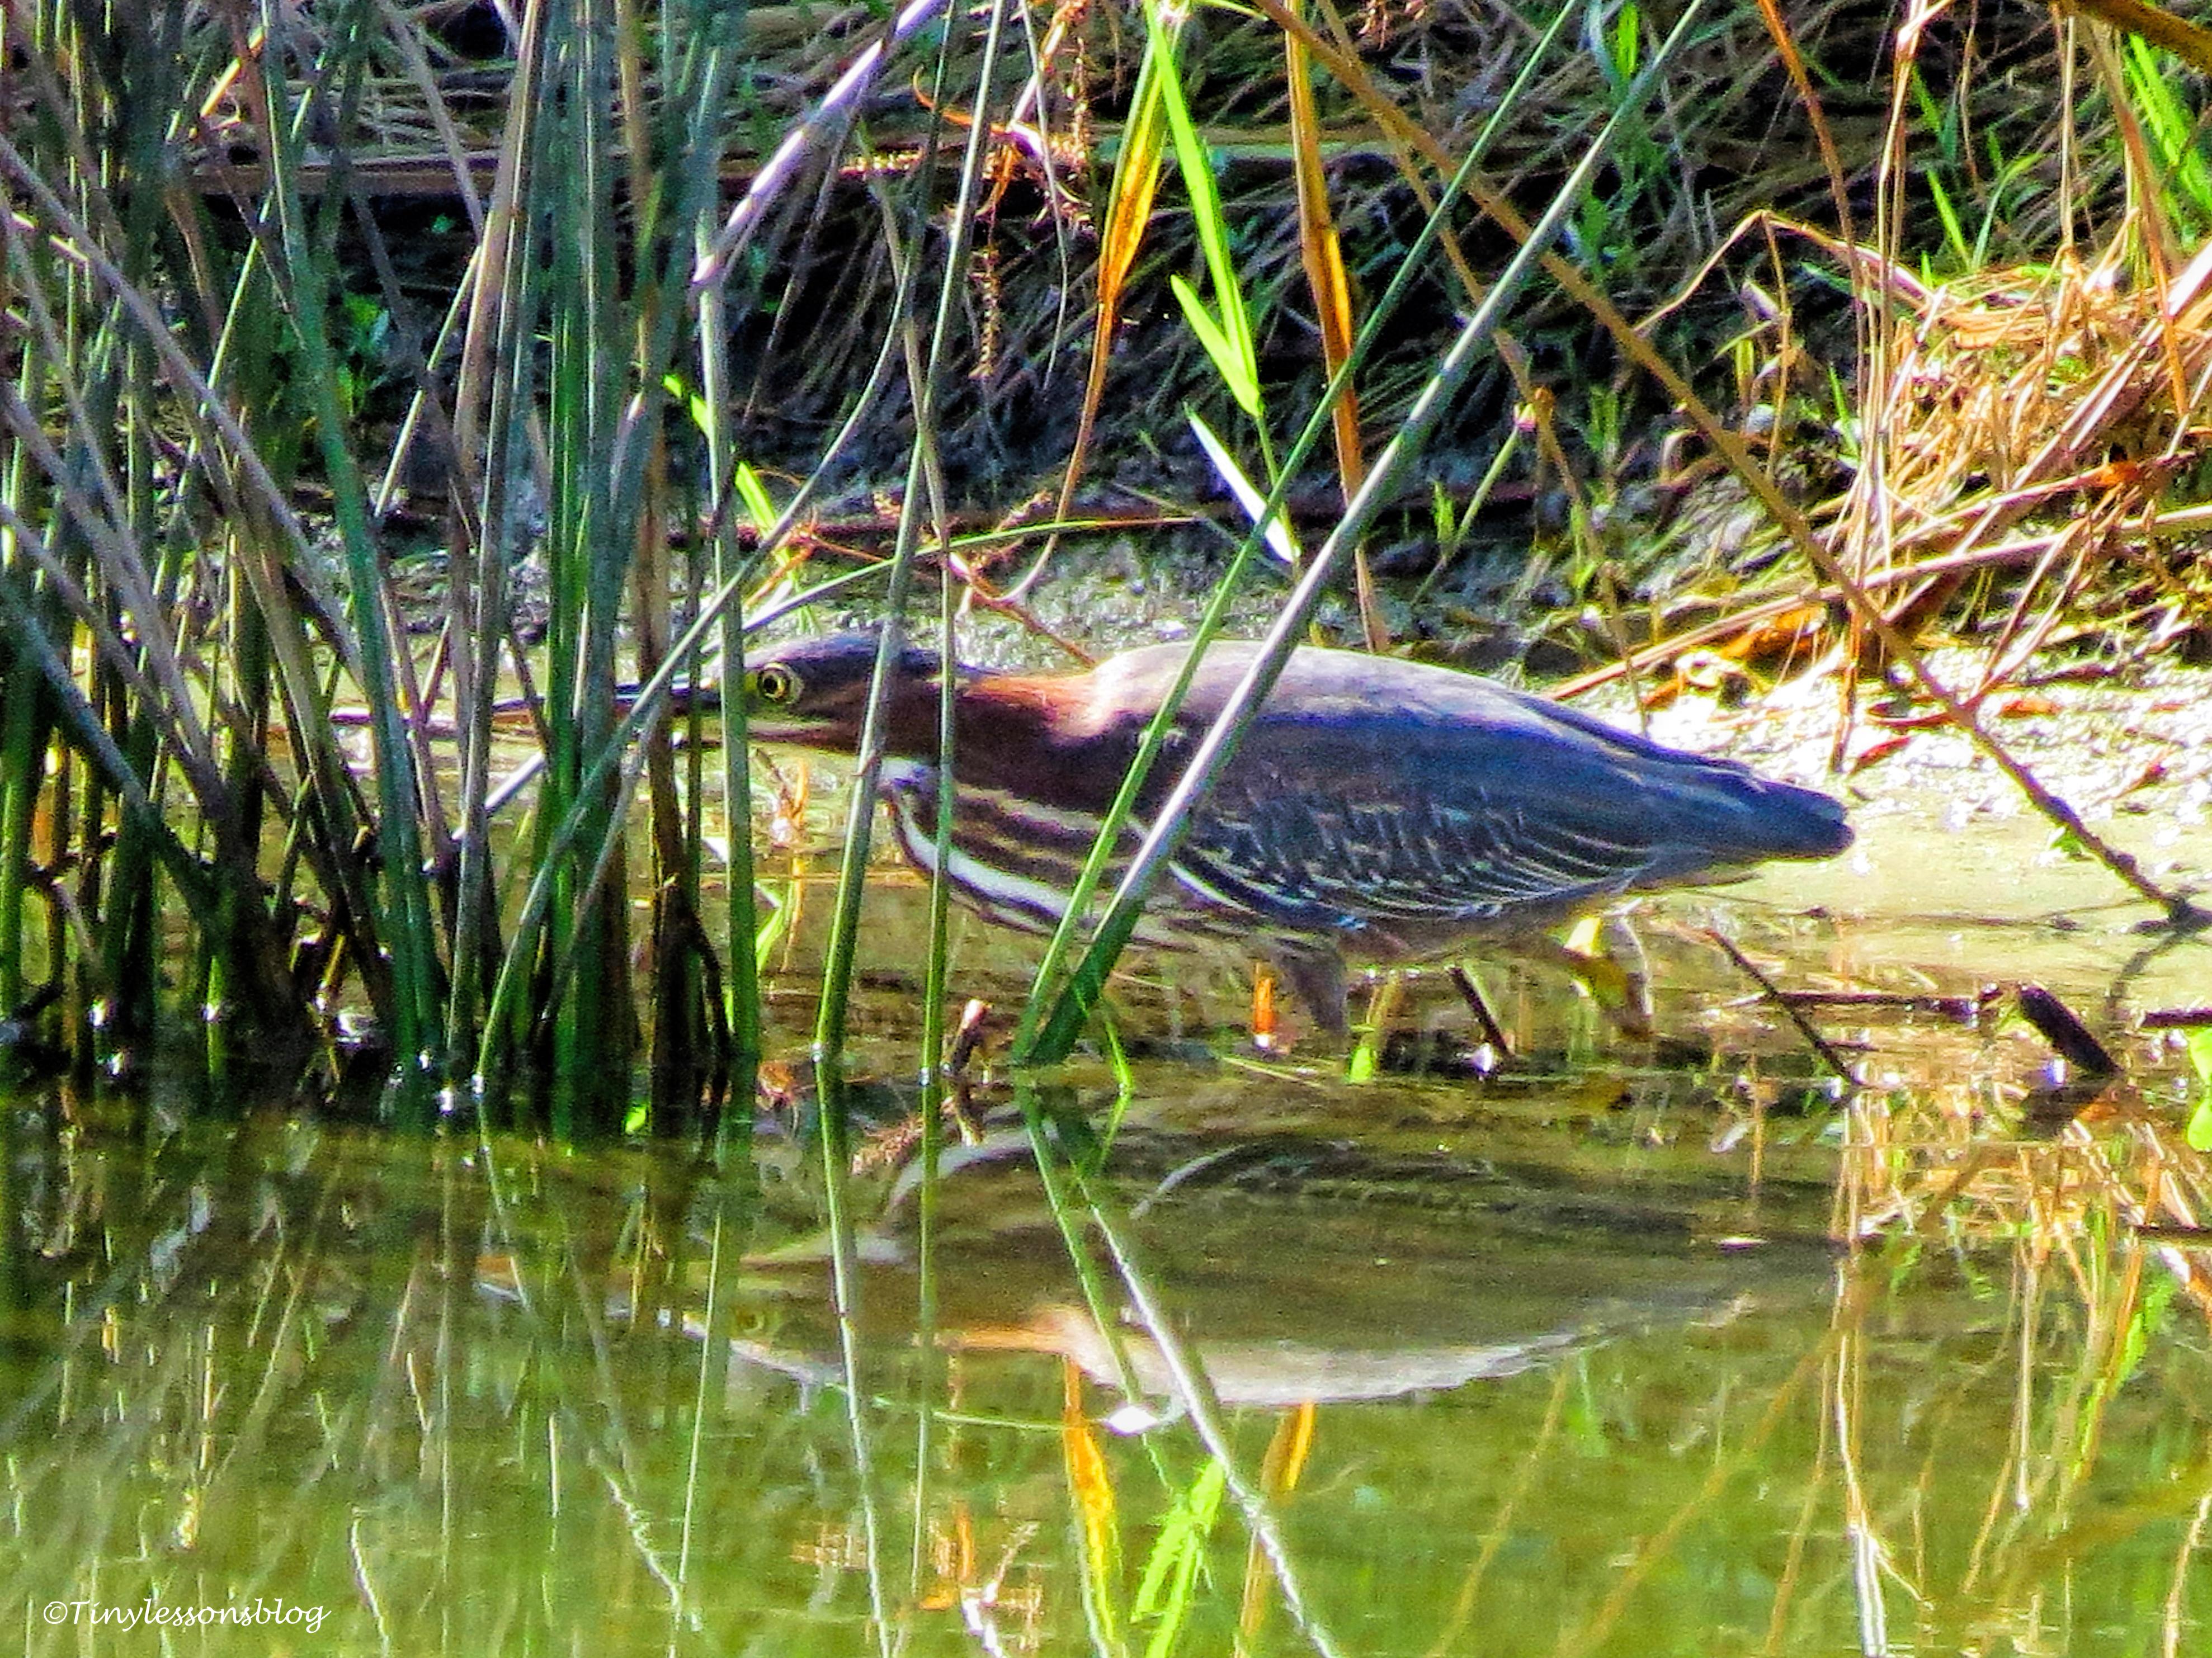 juvenile-green-heron-ud83